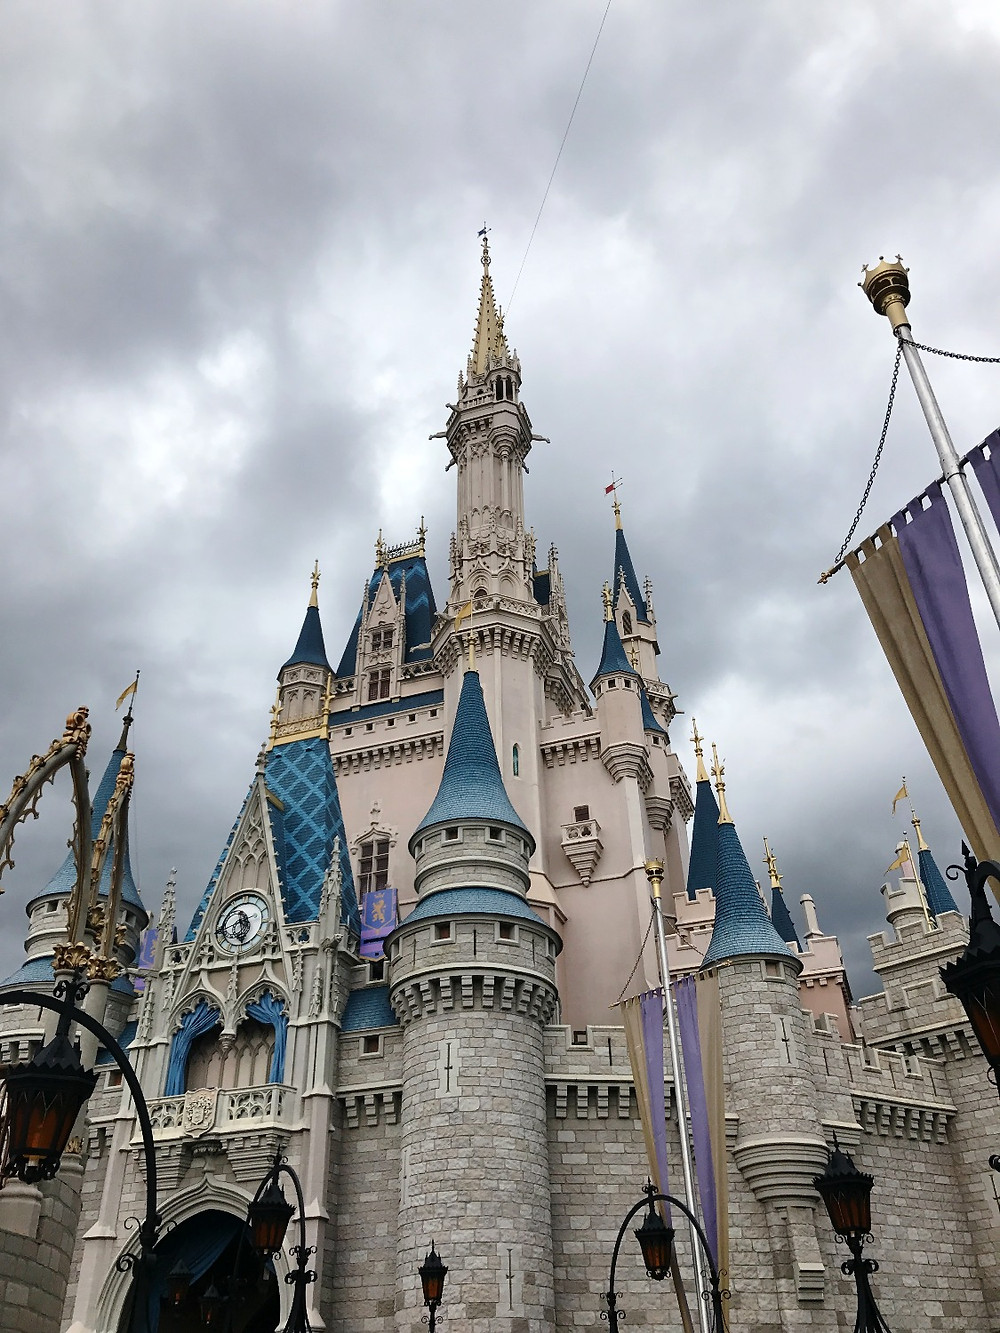 Katrina Belle Beauty - Disney's Magic Kingdom - Disney blogger - Disney bloggers - Katrina Belle - Orlando blogger